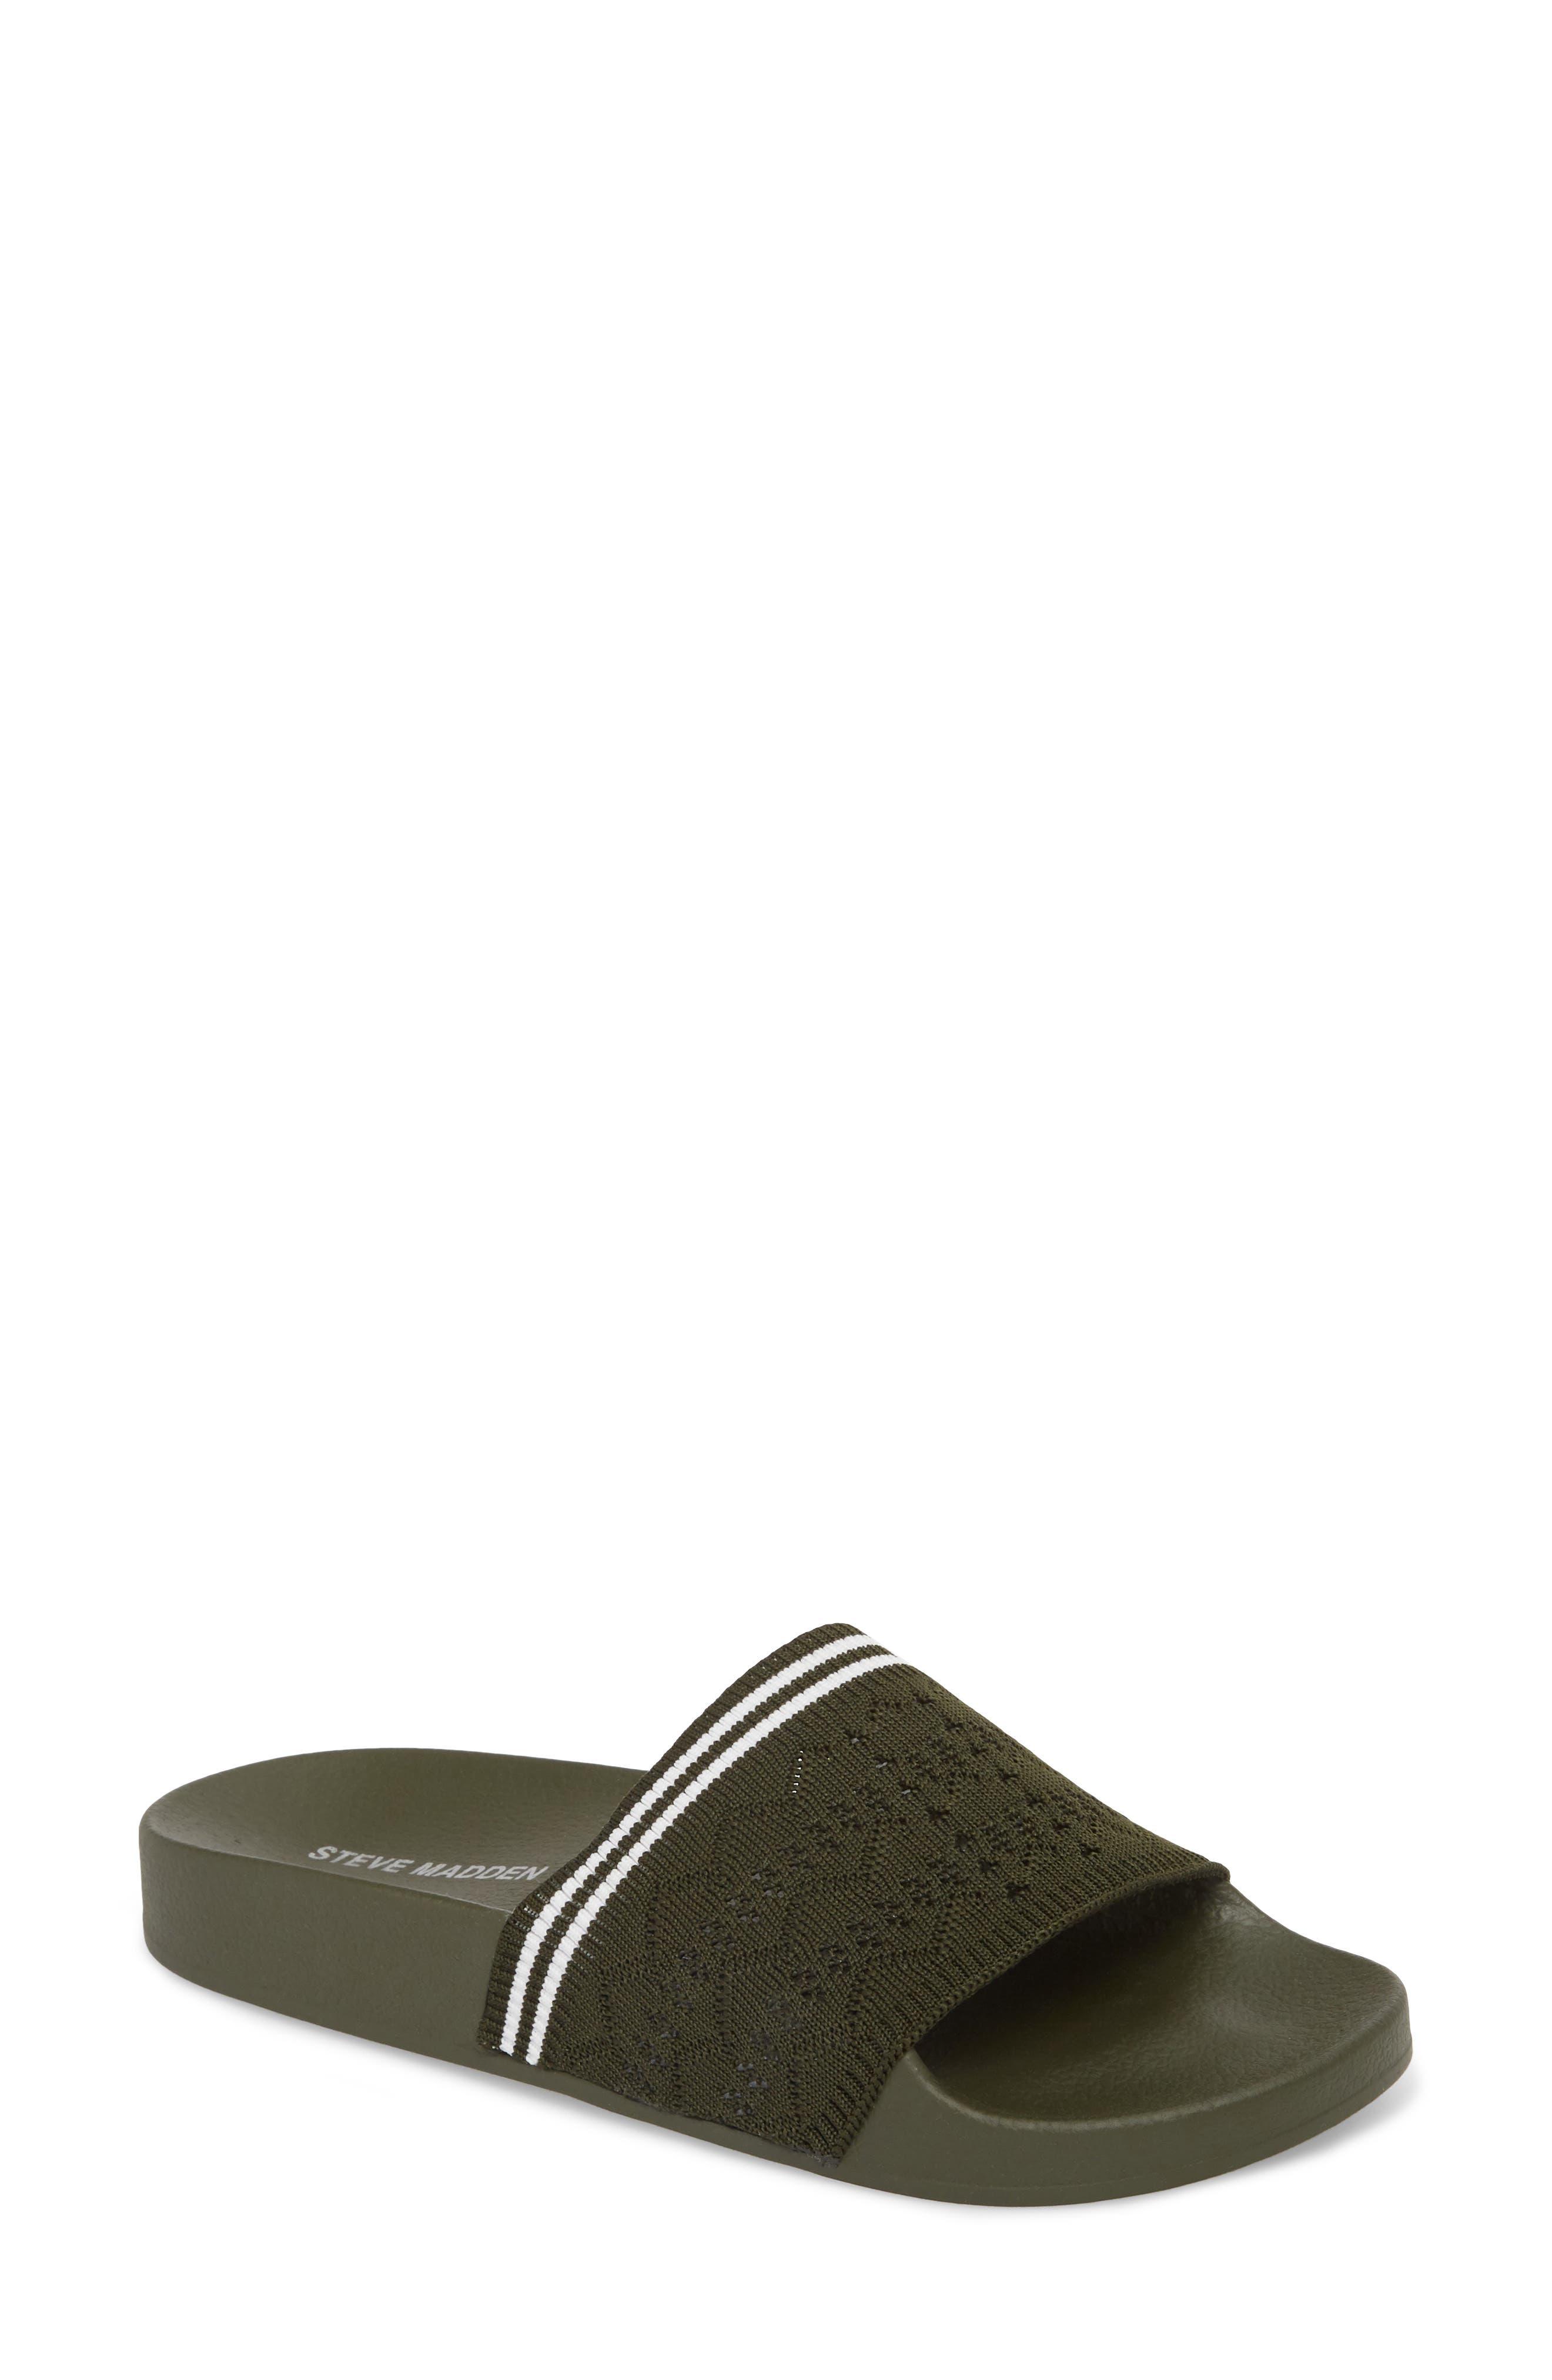 Vibe Sock Knit Slide Sandal,                             Main thumbnail 2, color,